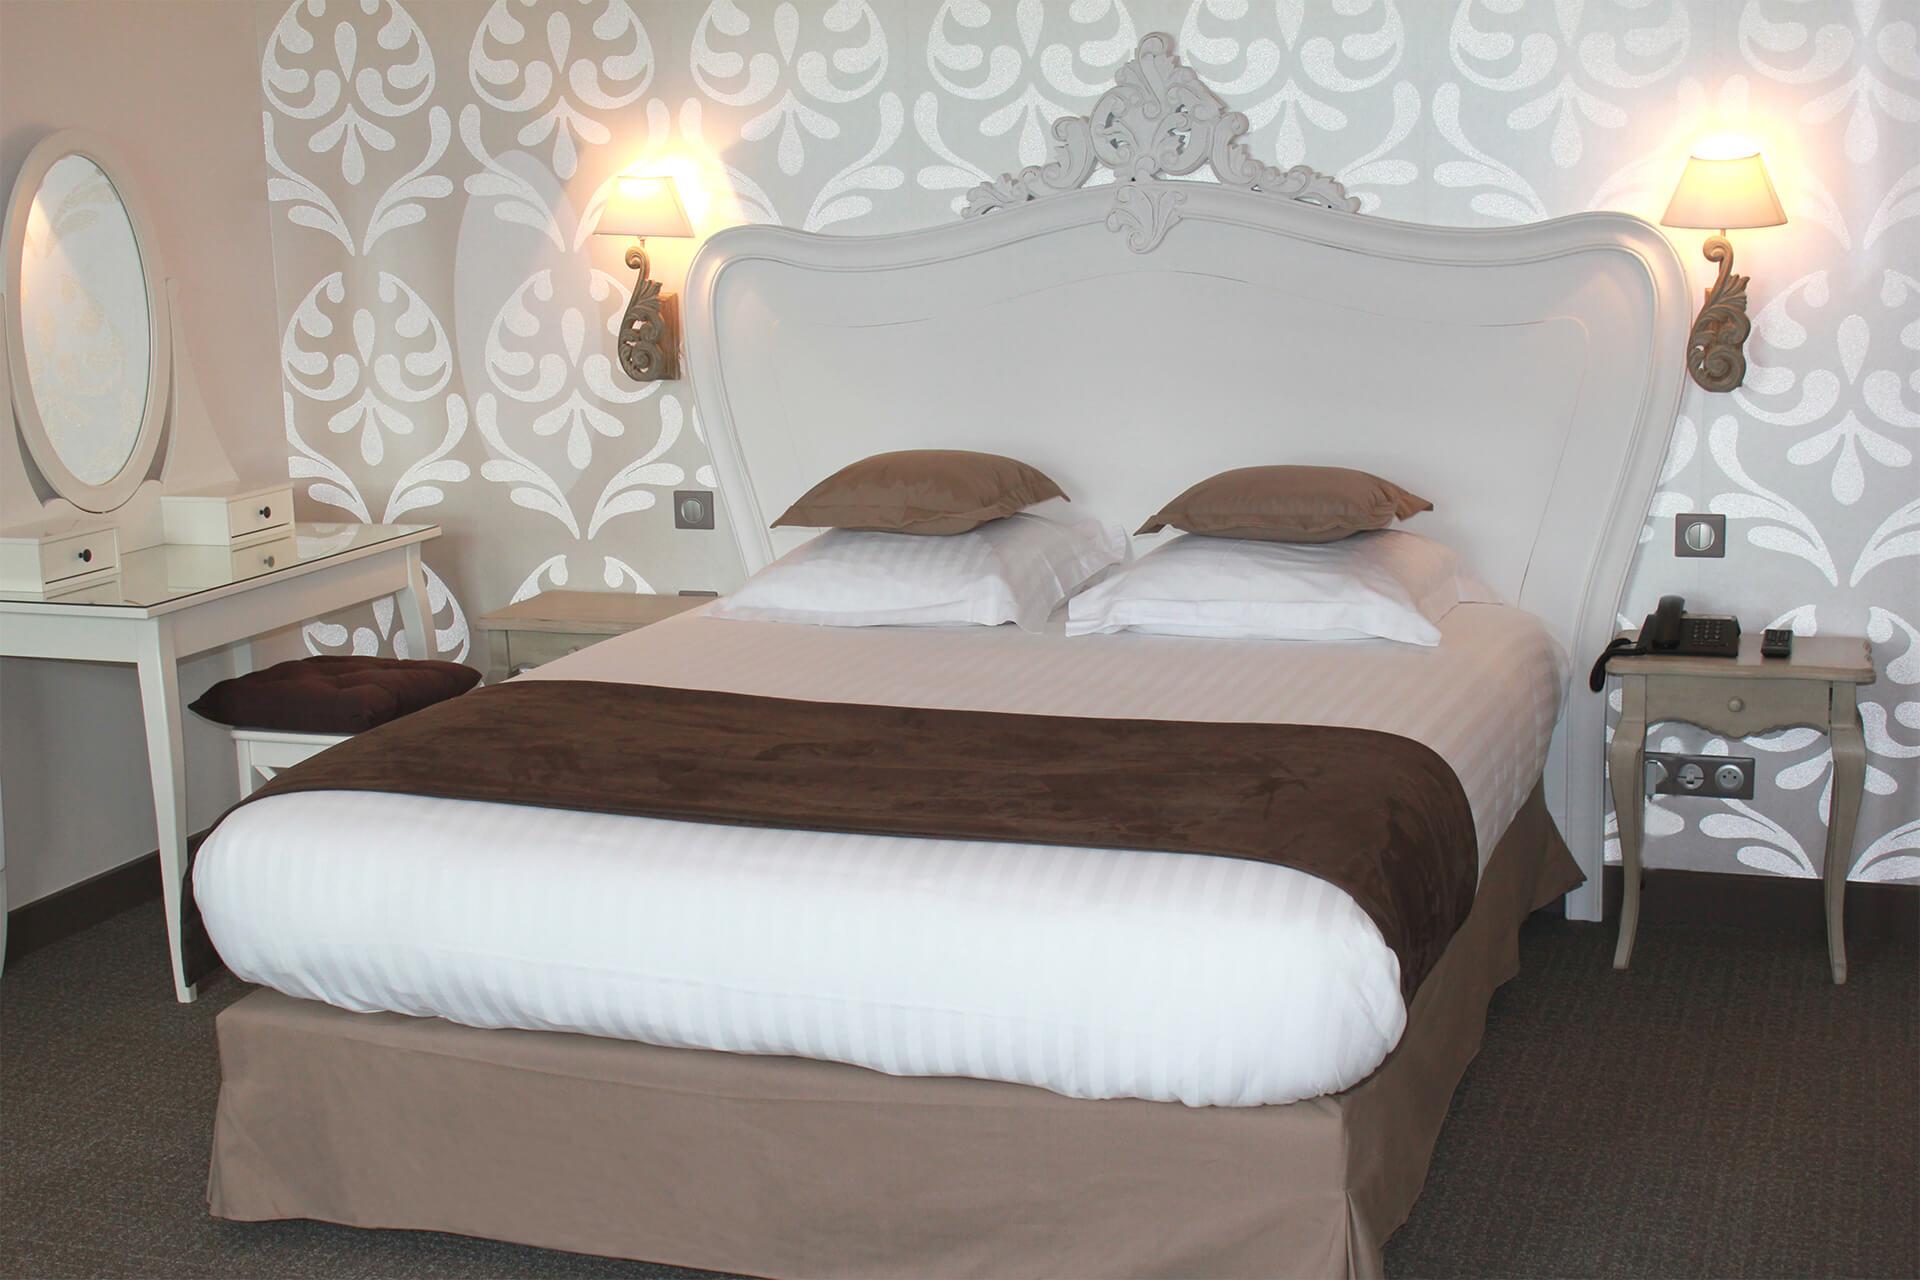 Chambre Adulte Campagne Chic hôtel de charme 3 étoiles avec 16 chambres près de rouen